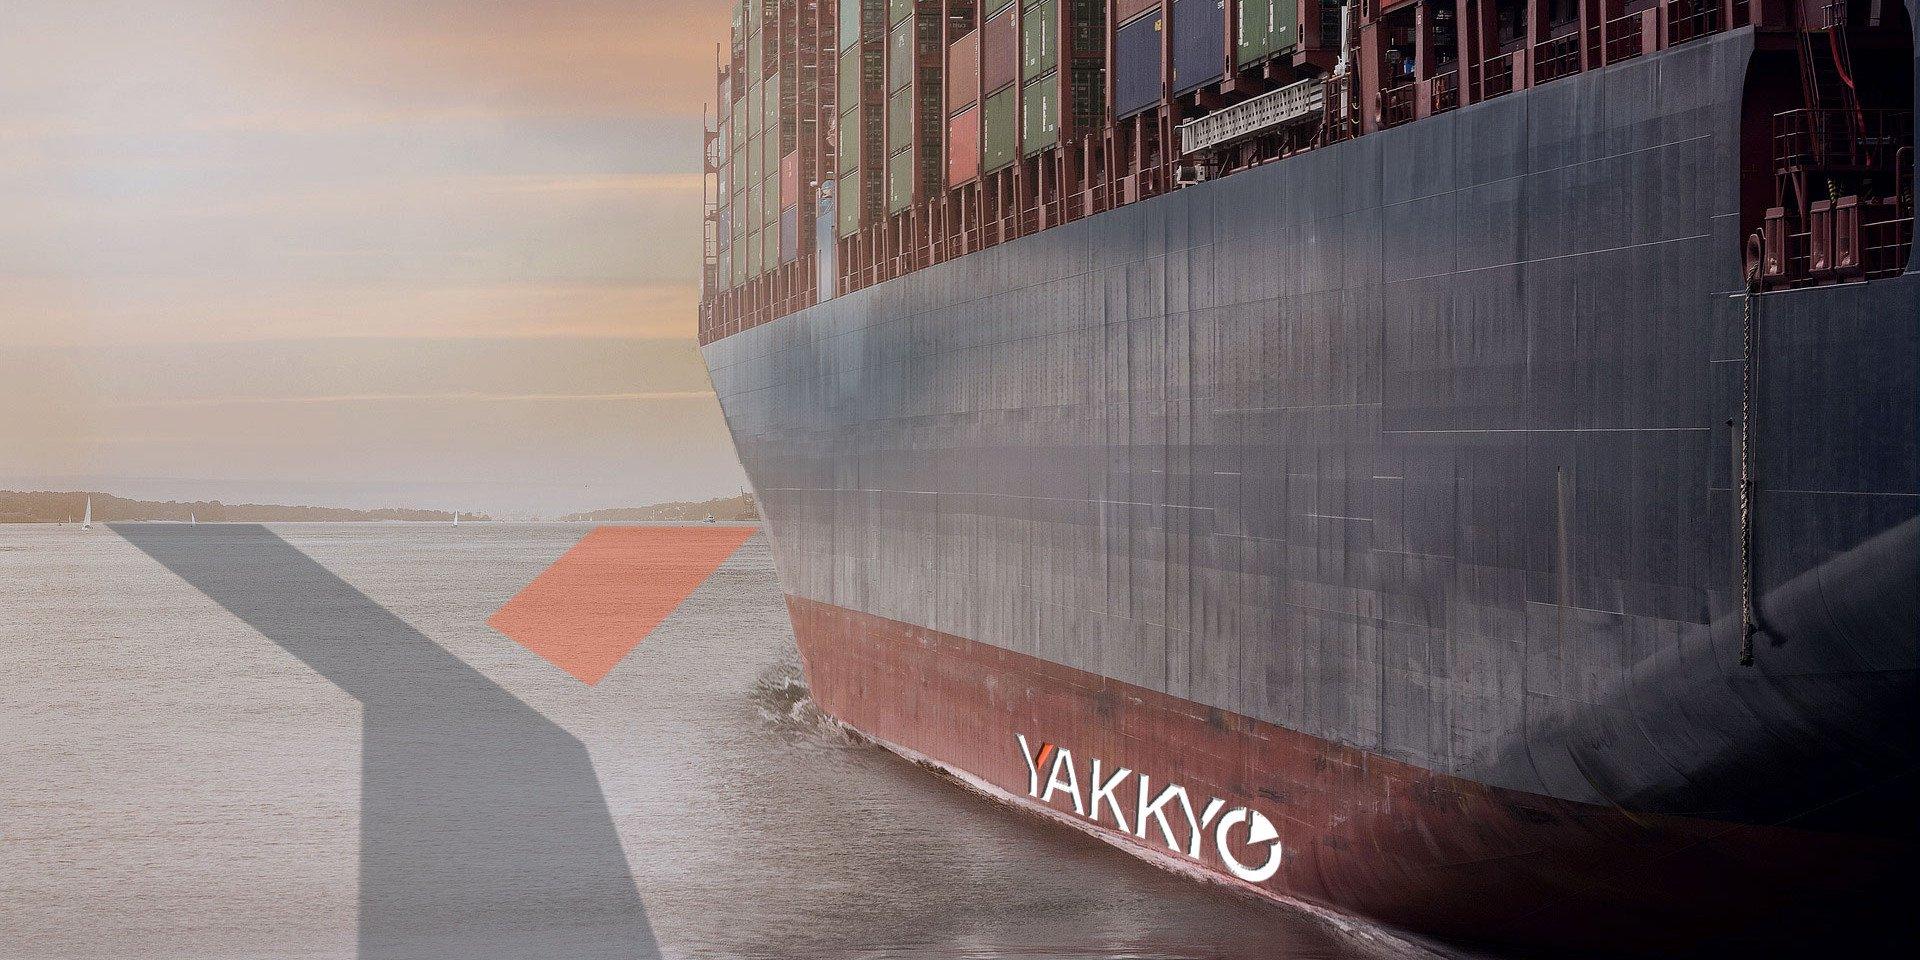 Yakkyo comprare online dalla Cina